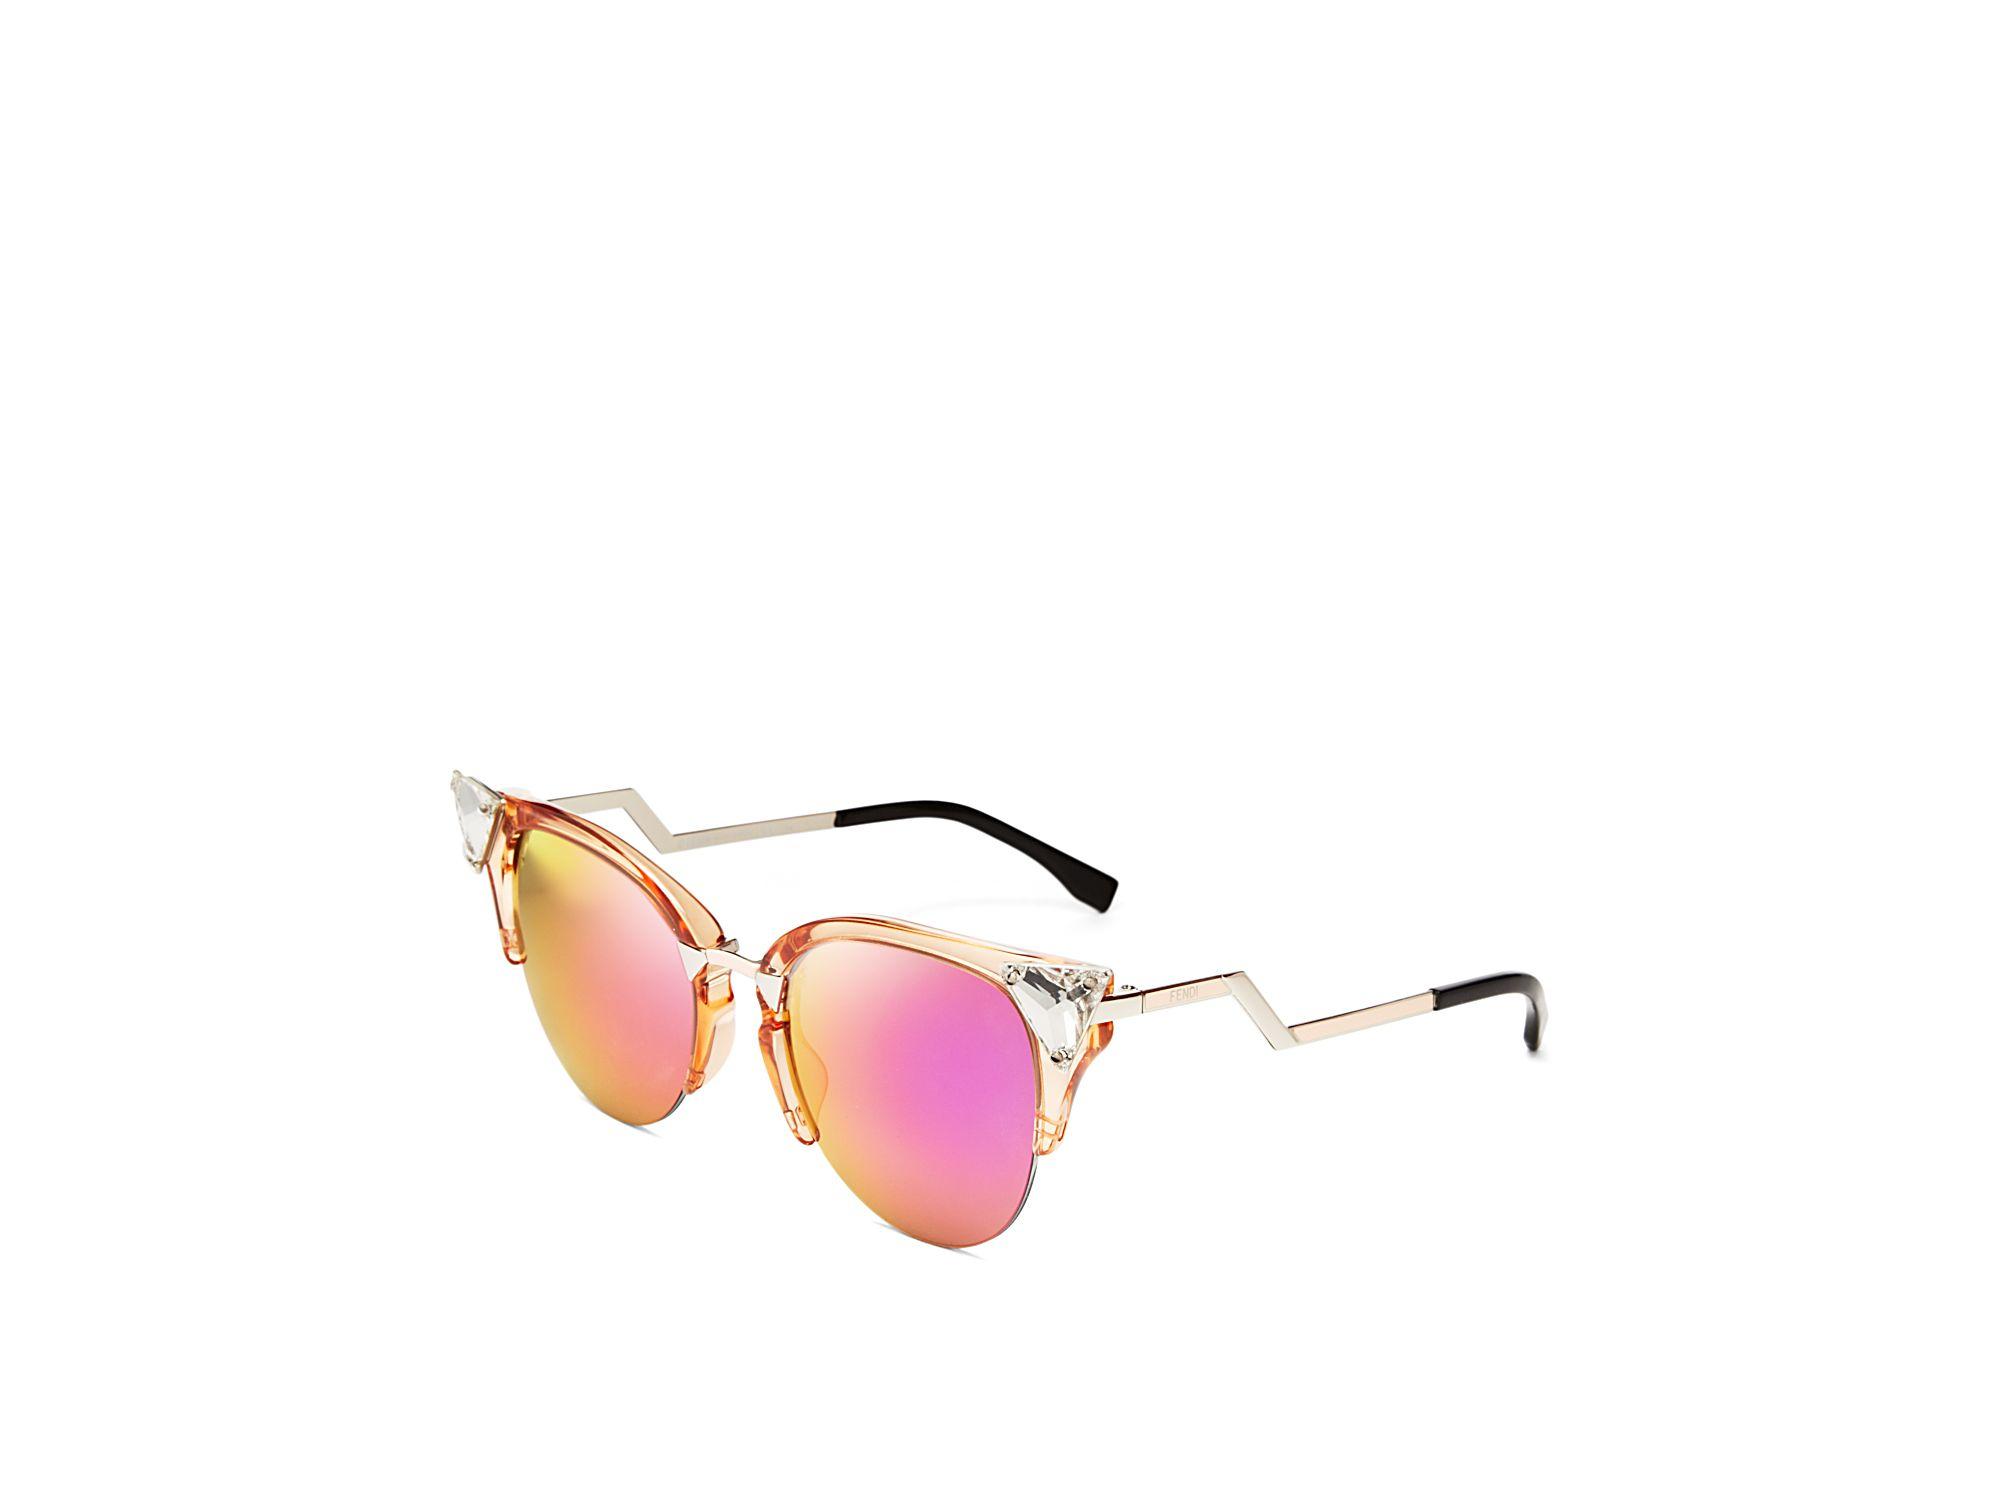 d2d119191e27 Mirrored Cat Eye Sunglasses